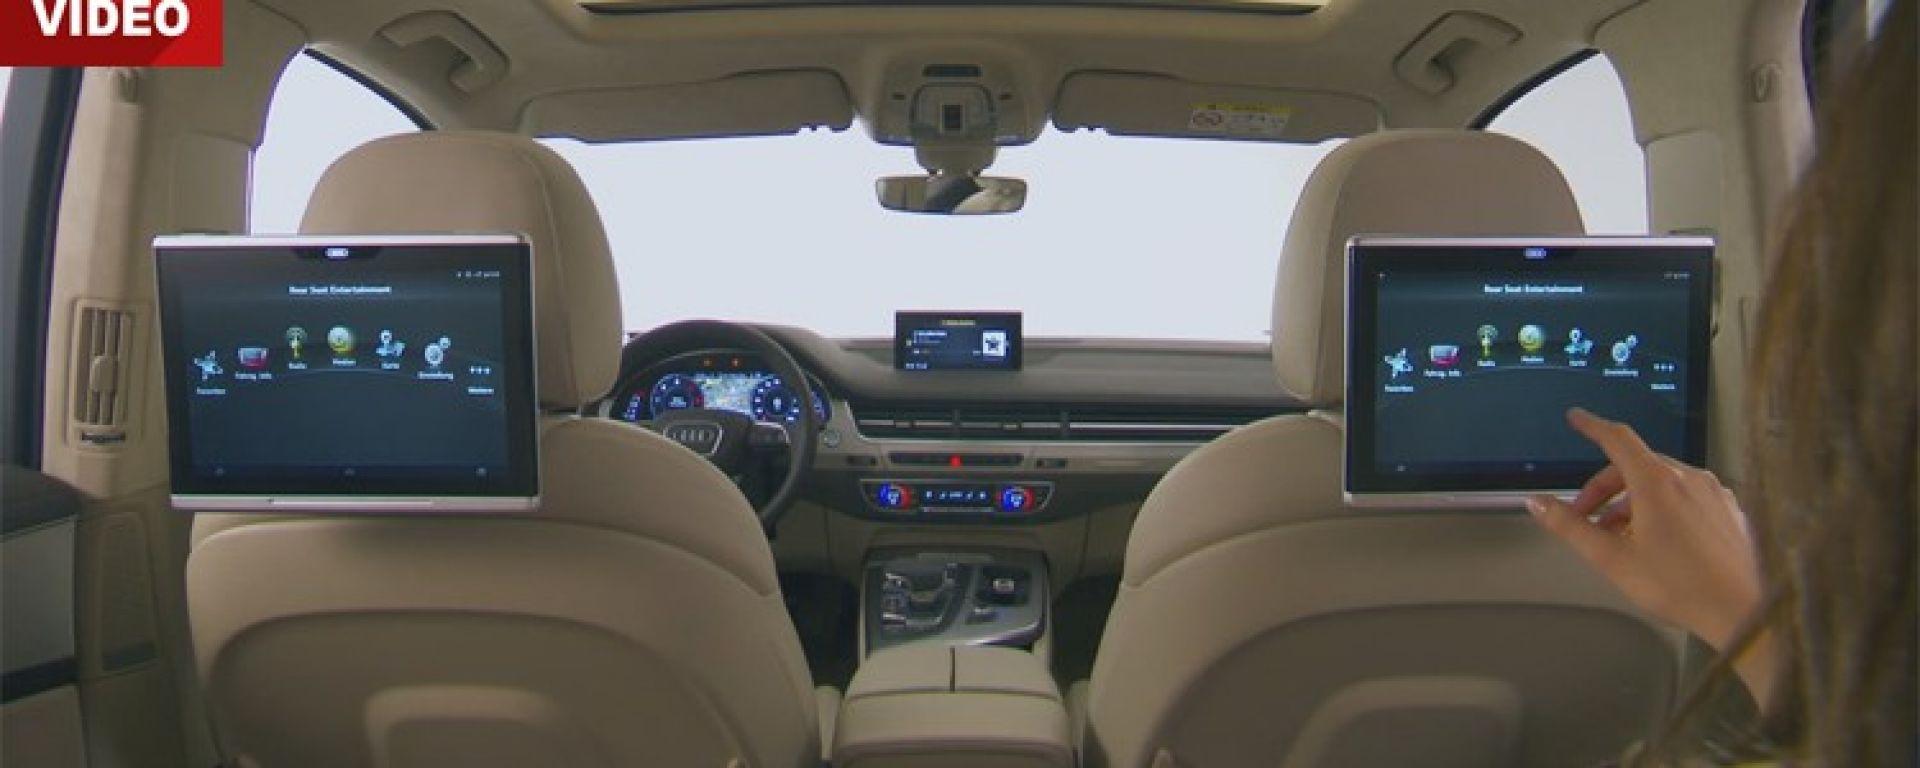 Audi Q7 Rear Entertainment Tablets